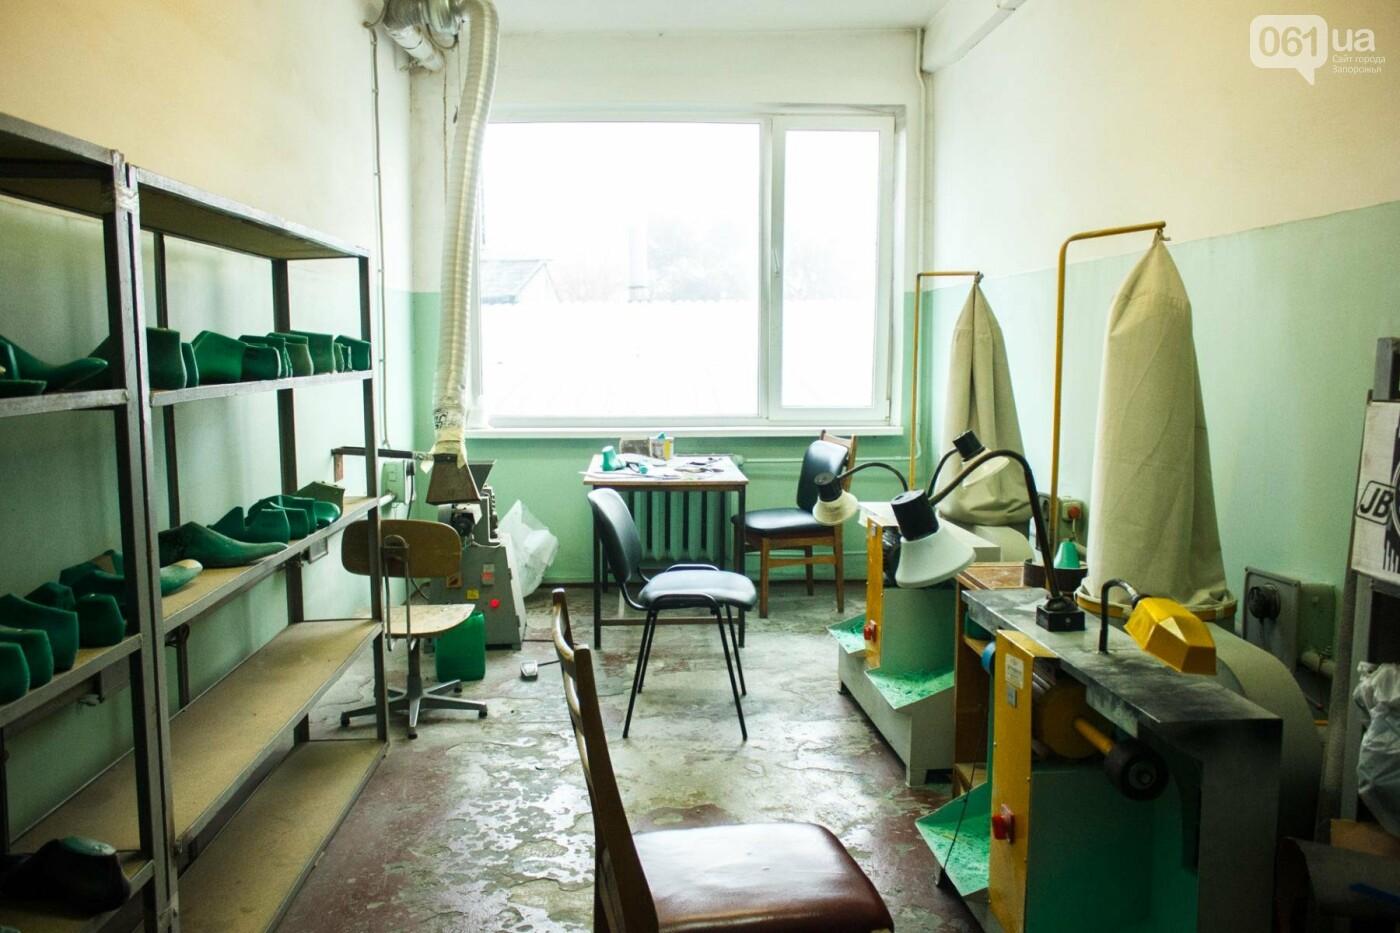 Как создается обувь: экскурсия на запорожскую обувную фабрику, – ФОТОРЕПОРТАЖ, фото-5